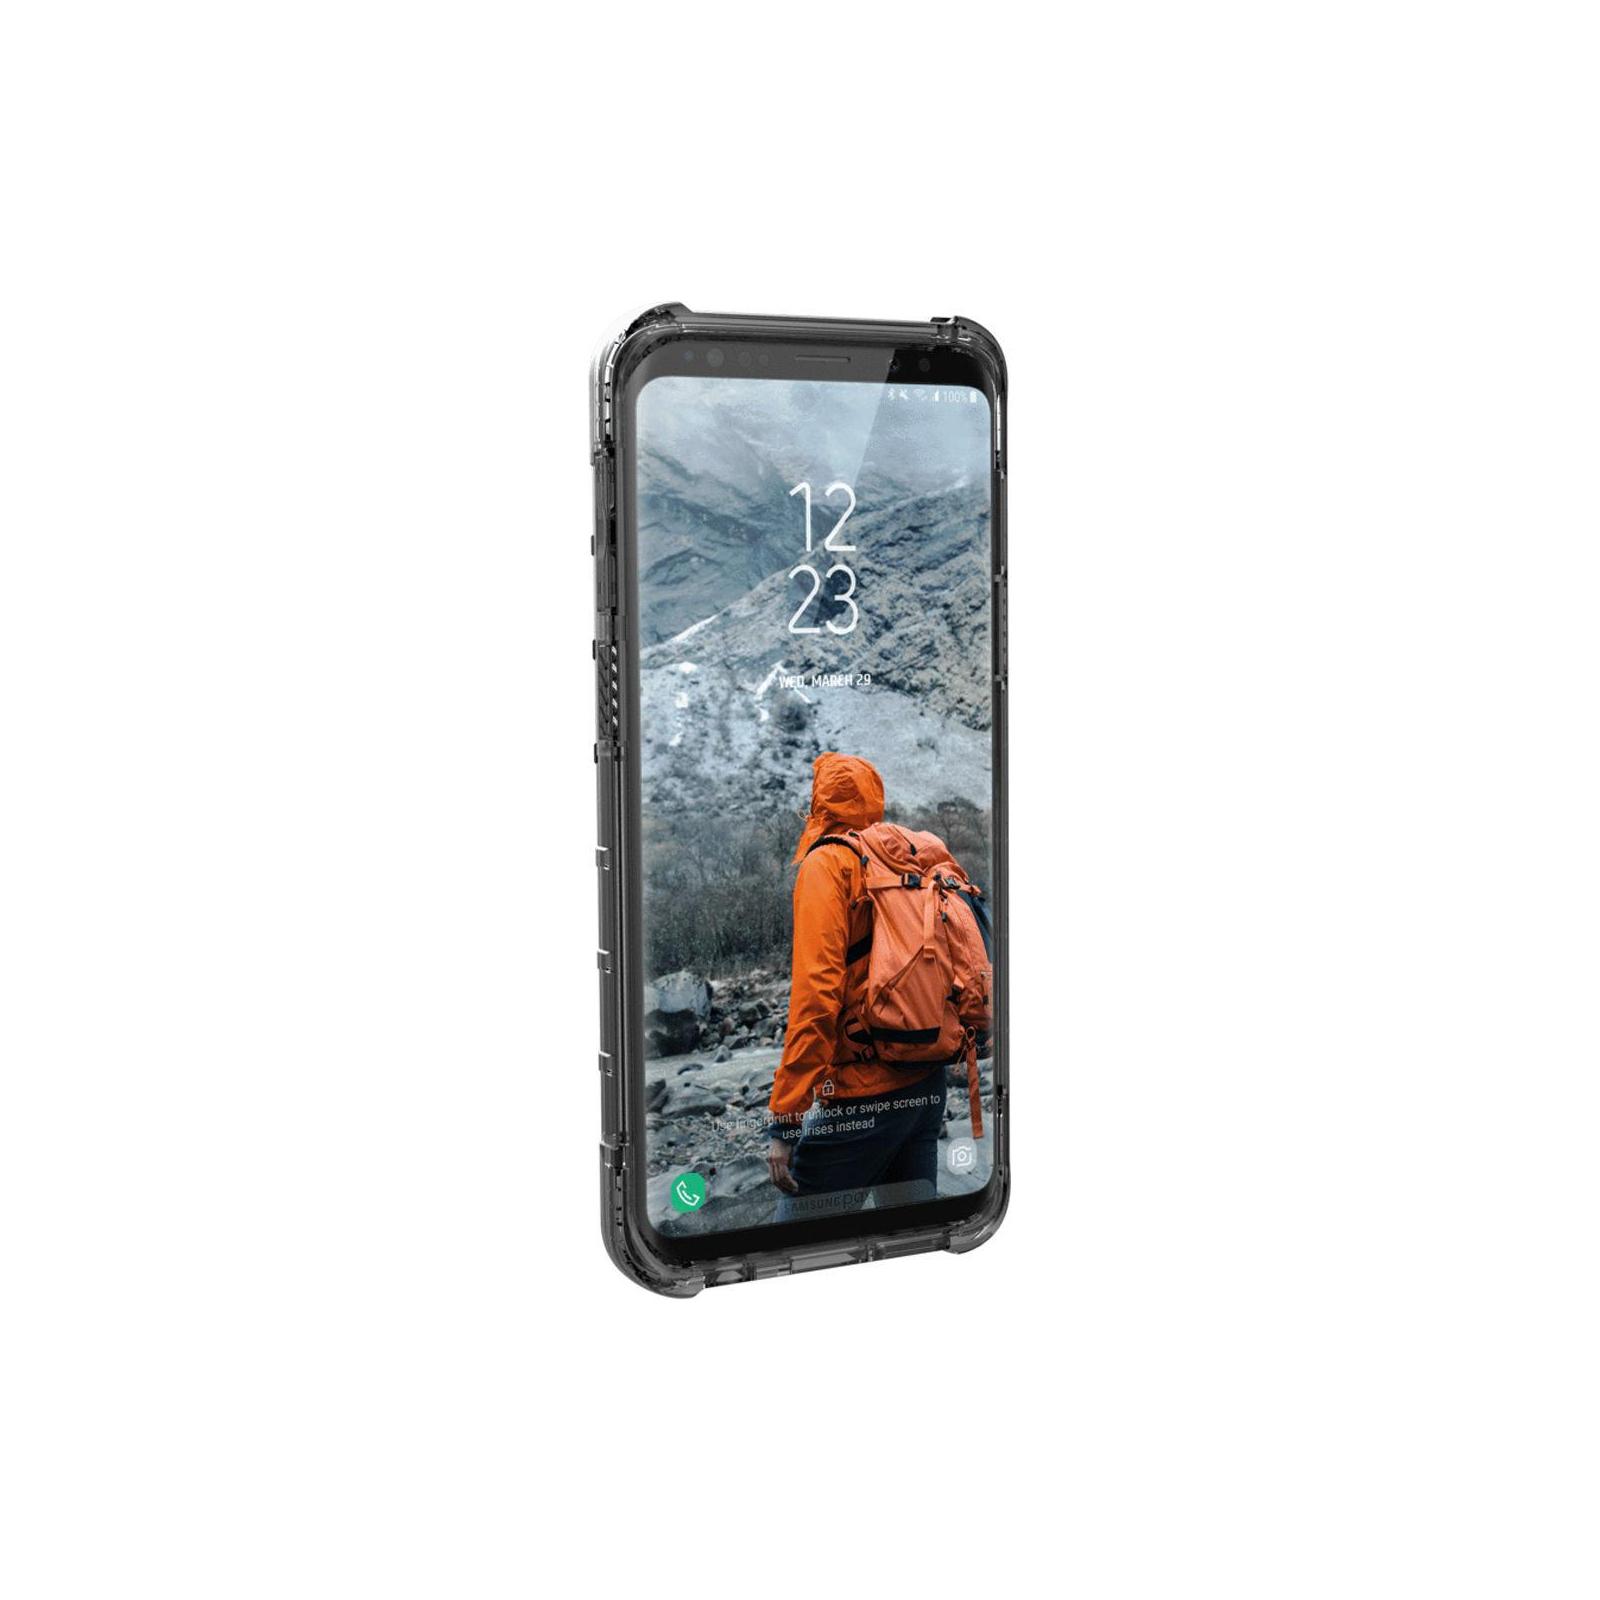 Чехол для моб. телефона Urban Armor Gear Galaxy S9 Plyo Ash (GLXS9-Y-AS) изображение 5